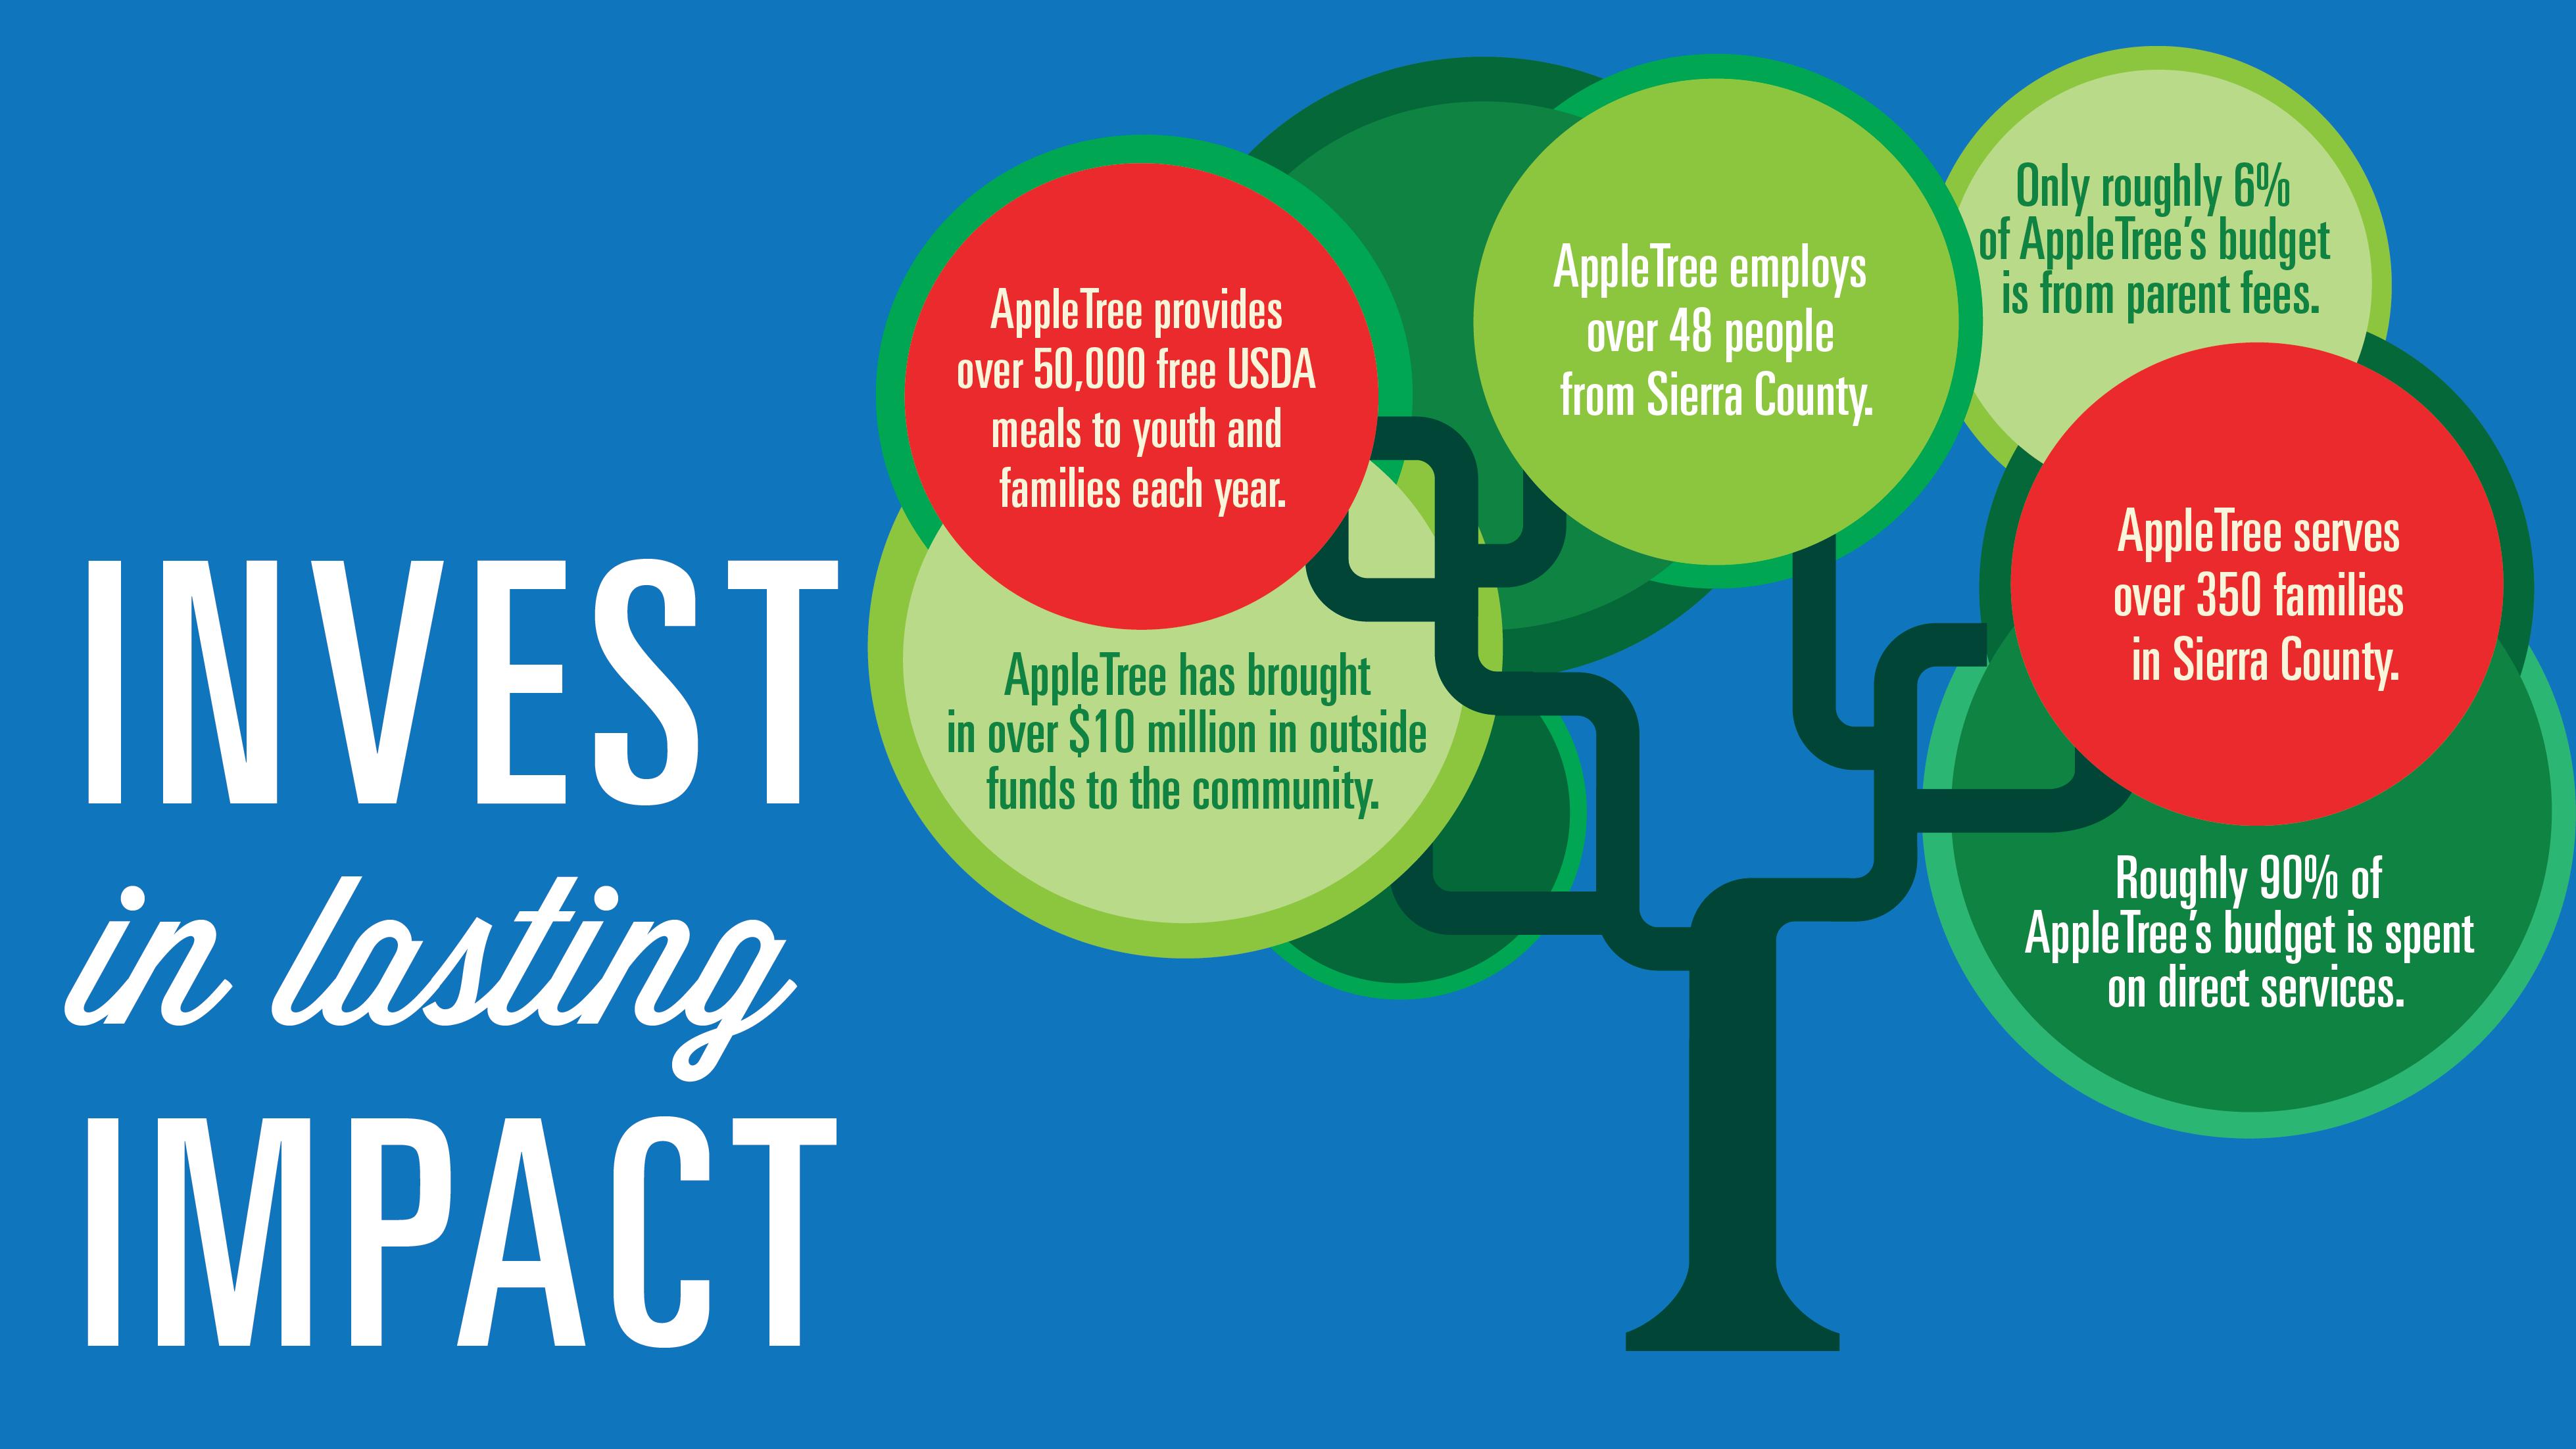 Invest in Lasting Impact